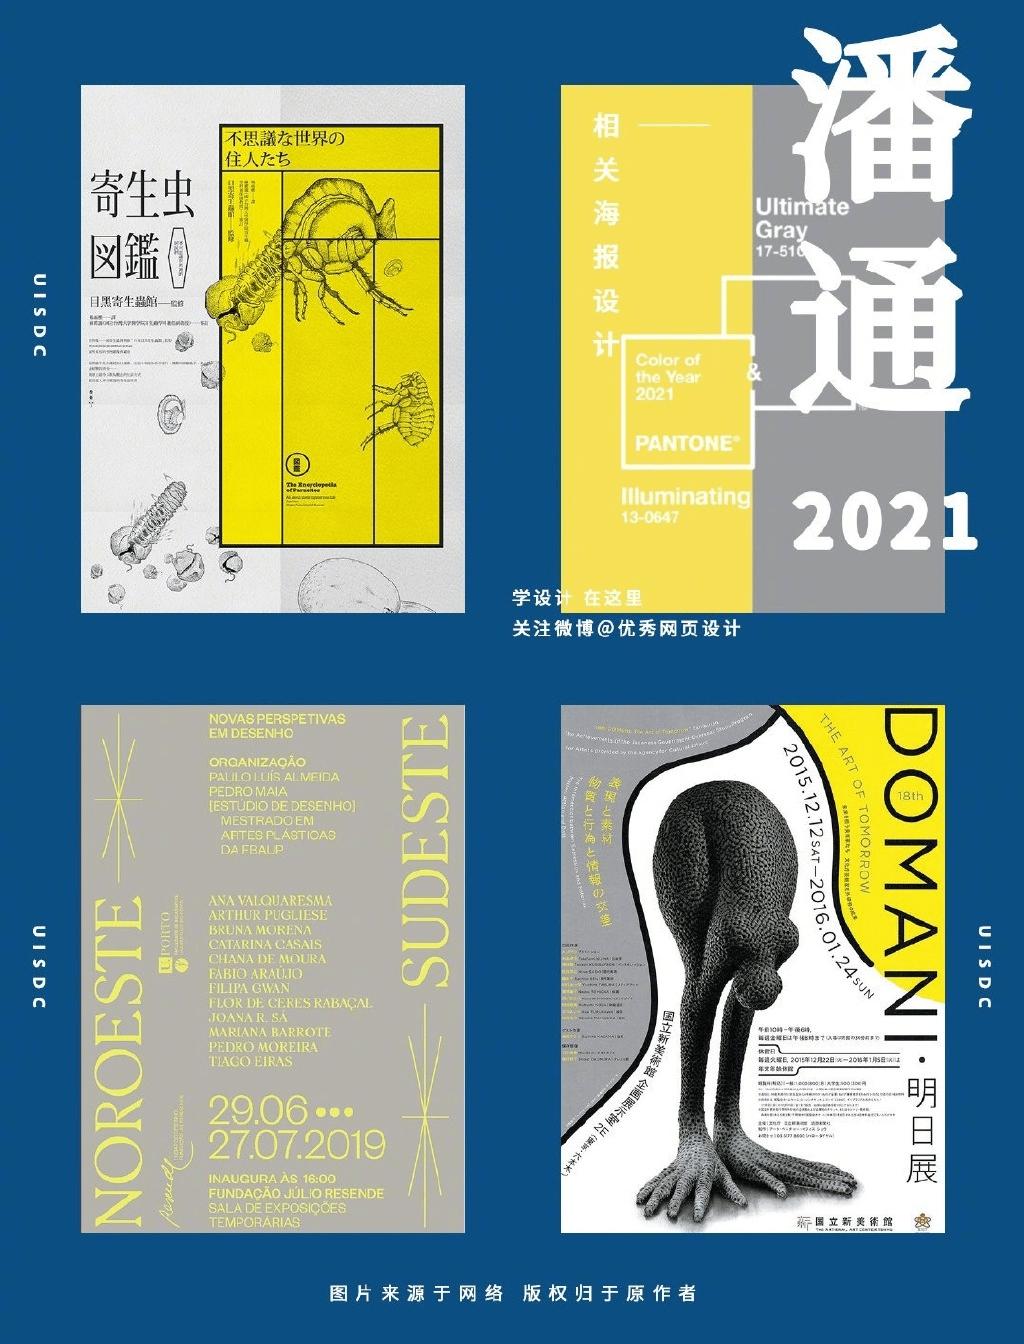 2021年潘通年度色一定是跟《赛博朋克2077》联动了……